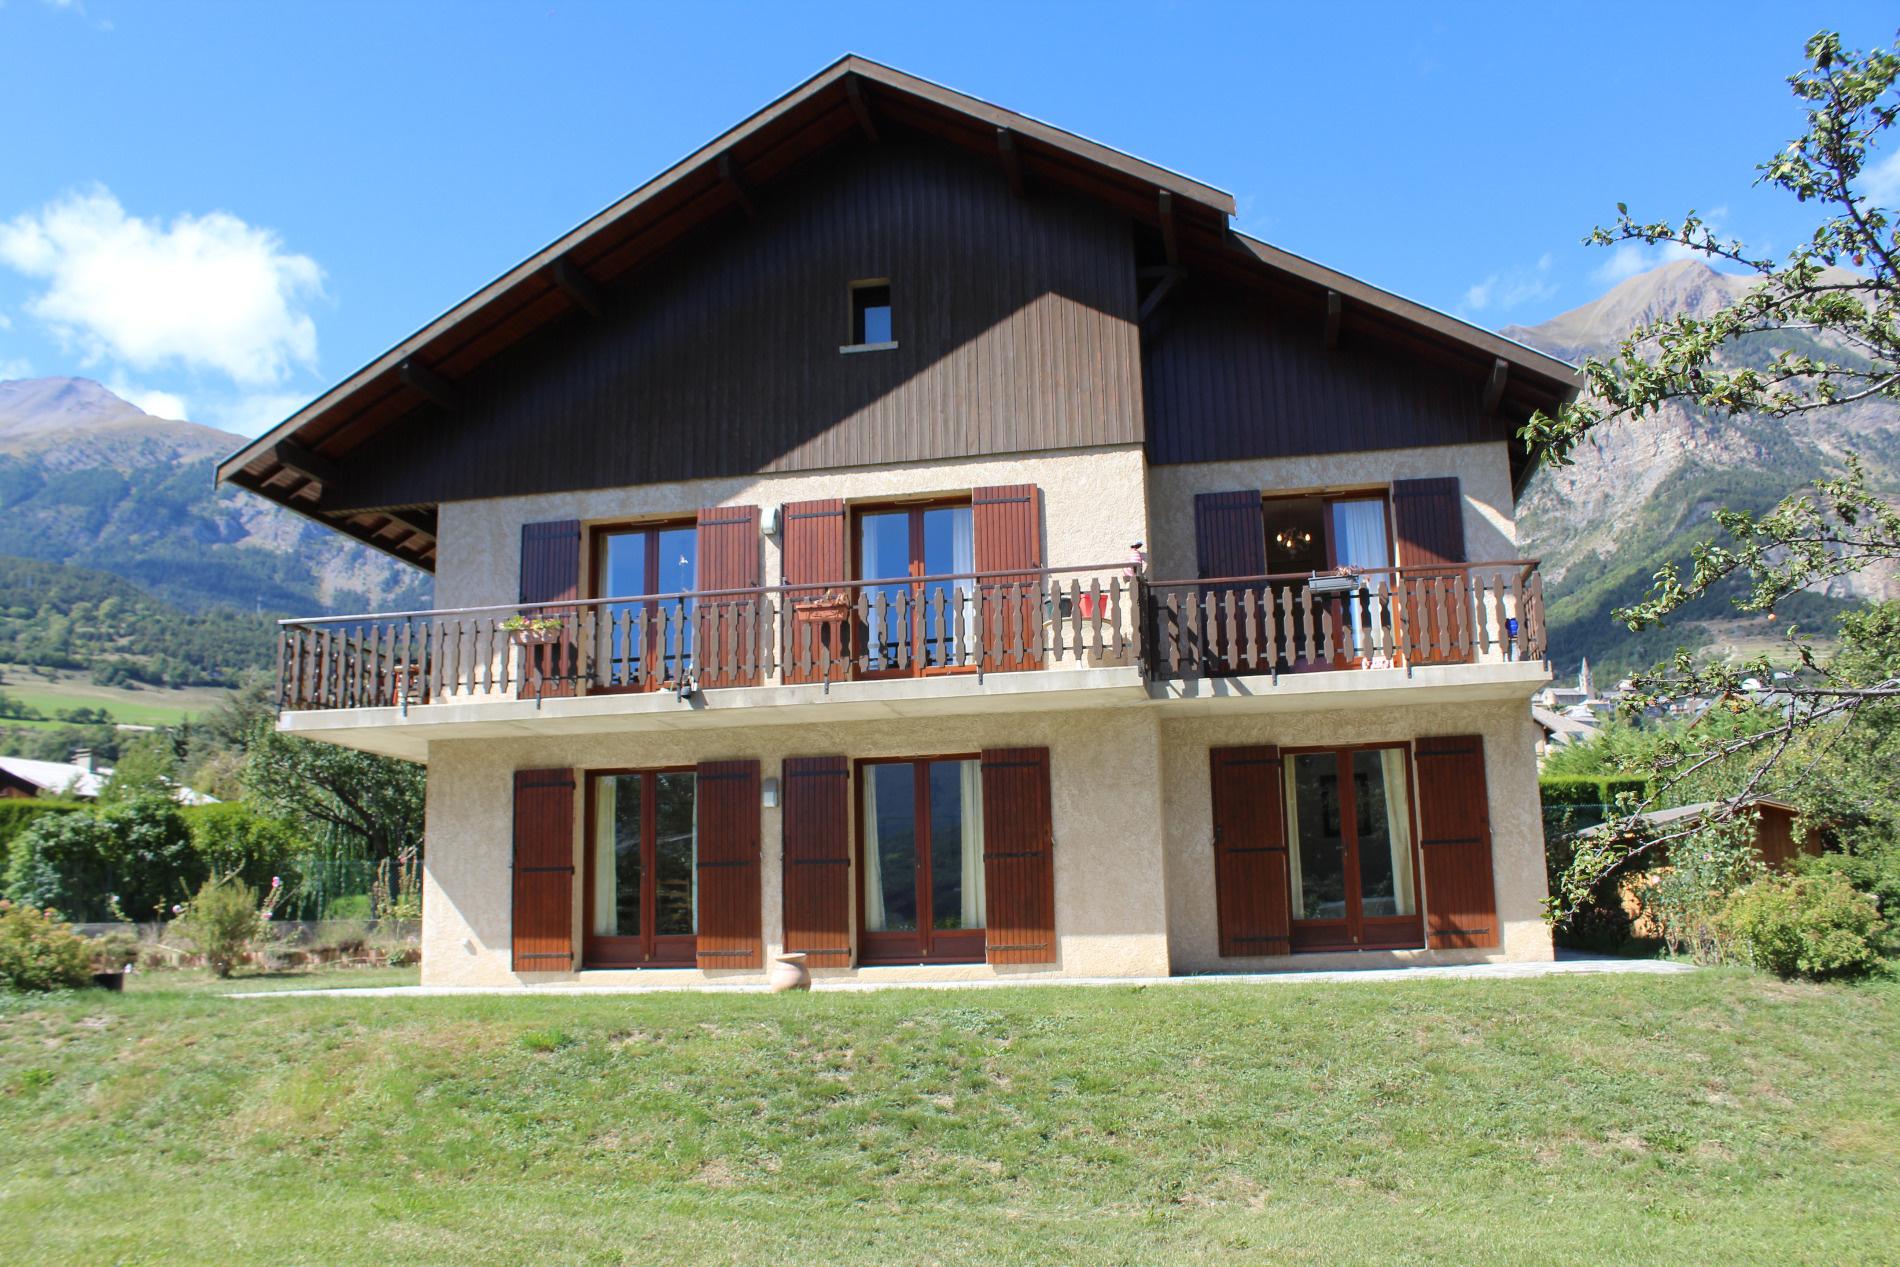 R sultat de votre recherche avec azur alpes immobilier - Location maison chateauroux ...